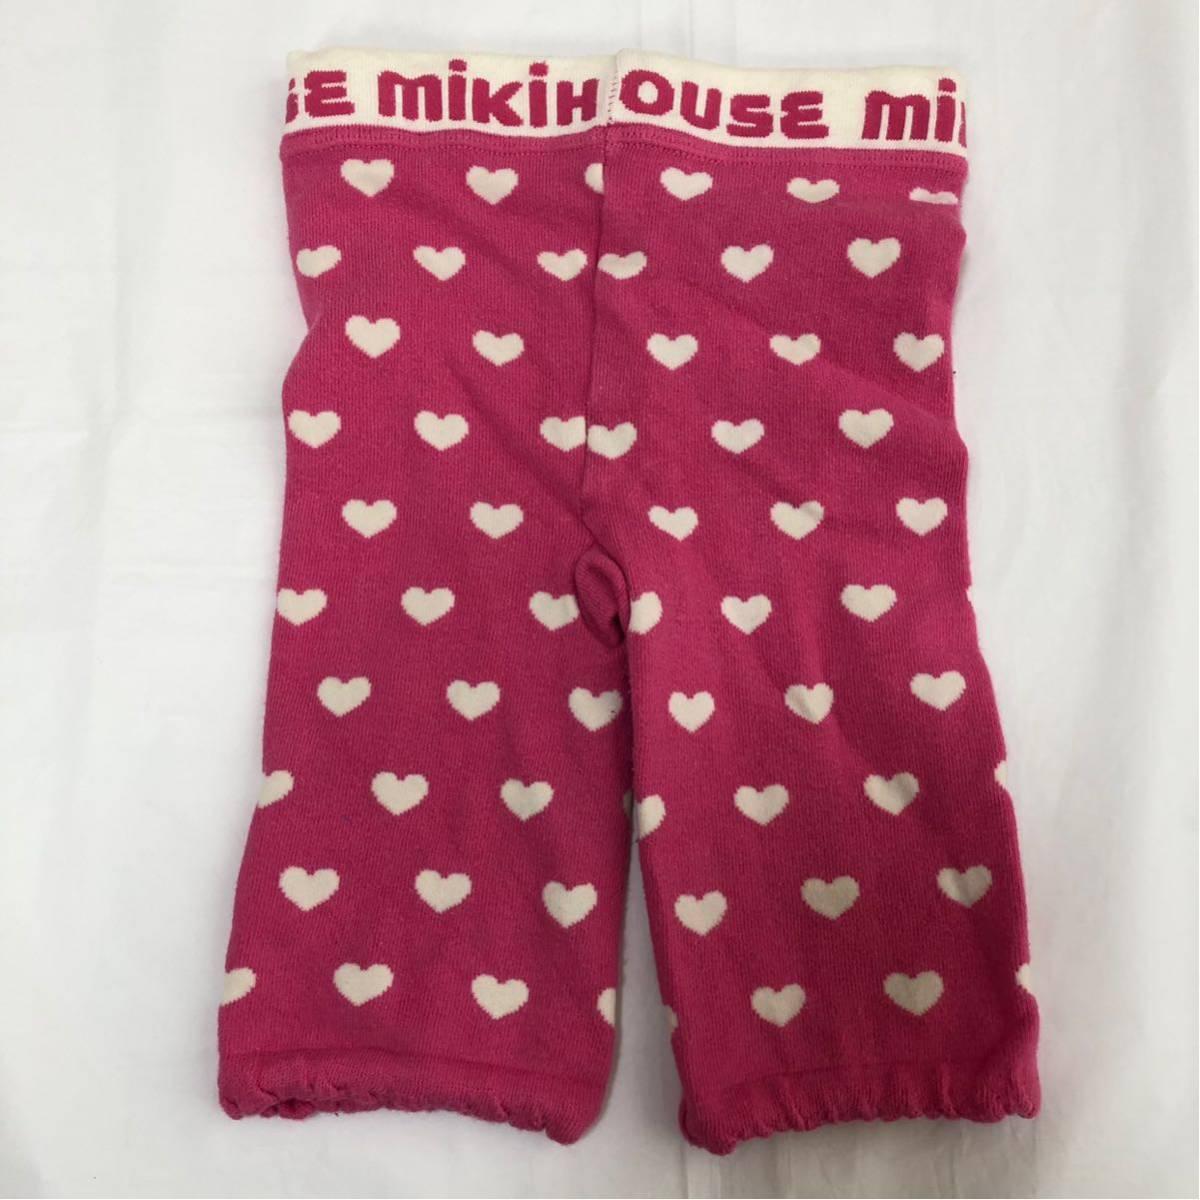 ミキハウス MIKIHOUSE レギンス 100 女の子 ピンク 送料140円 うさこ ハート ズボン パンツ スパッツ かわいい ベビー キッズ 子供服_画像6